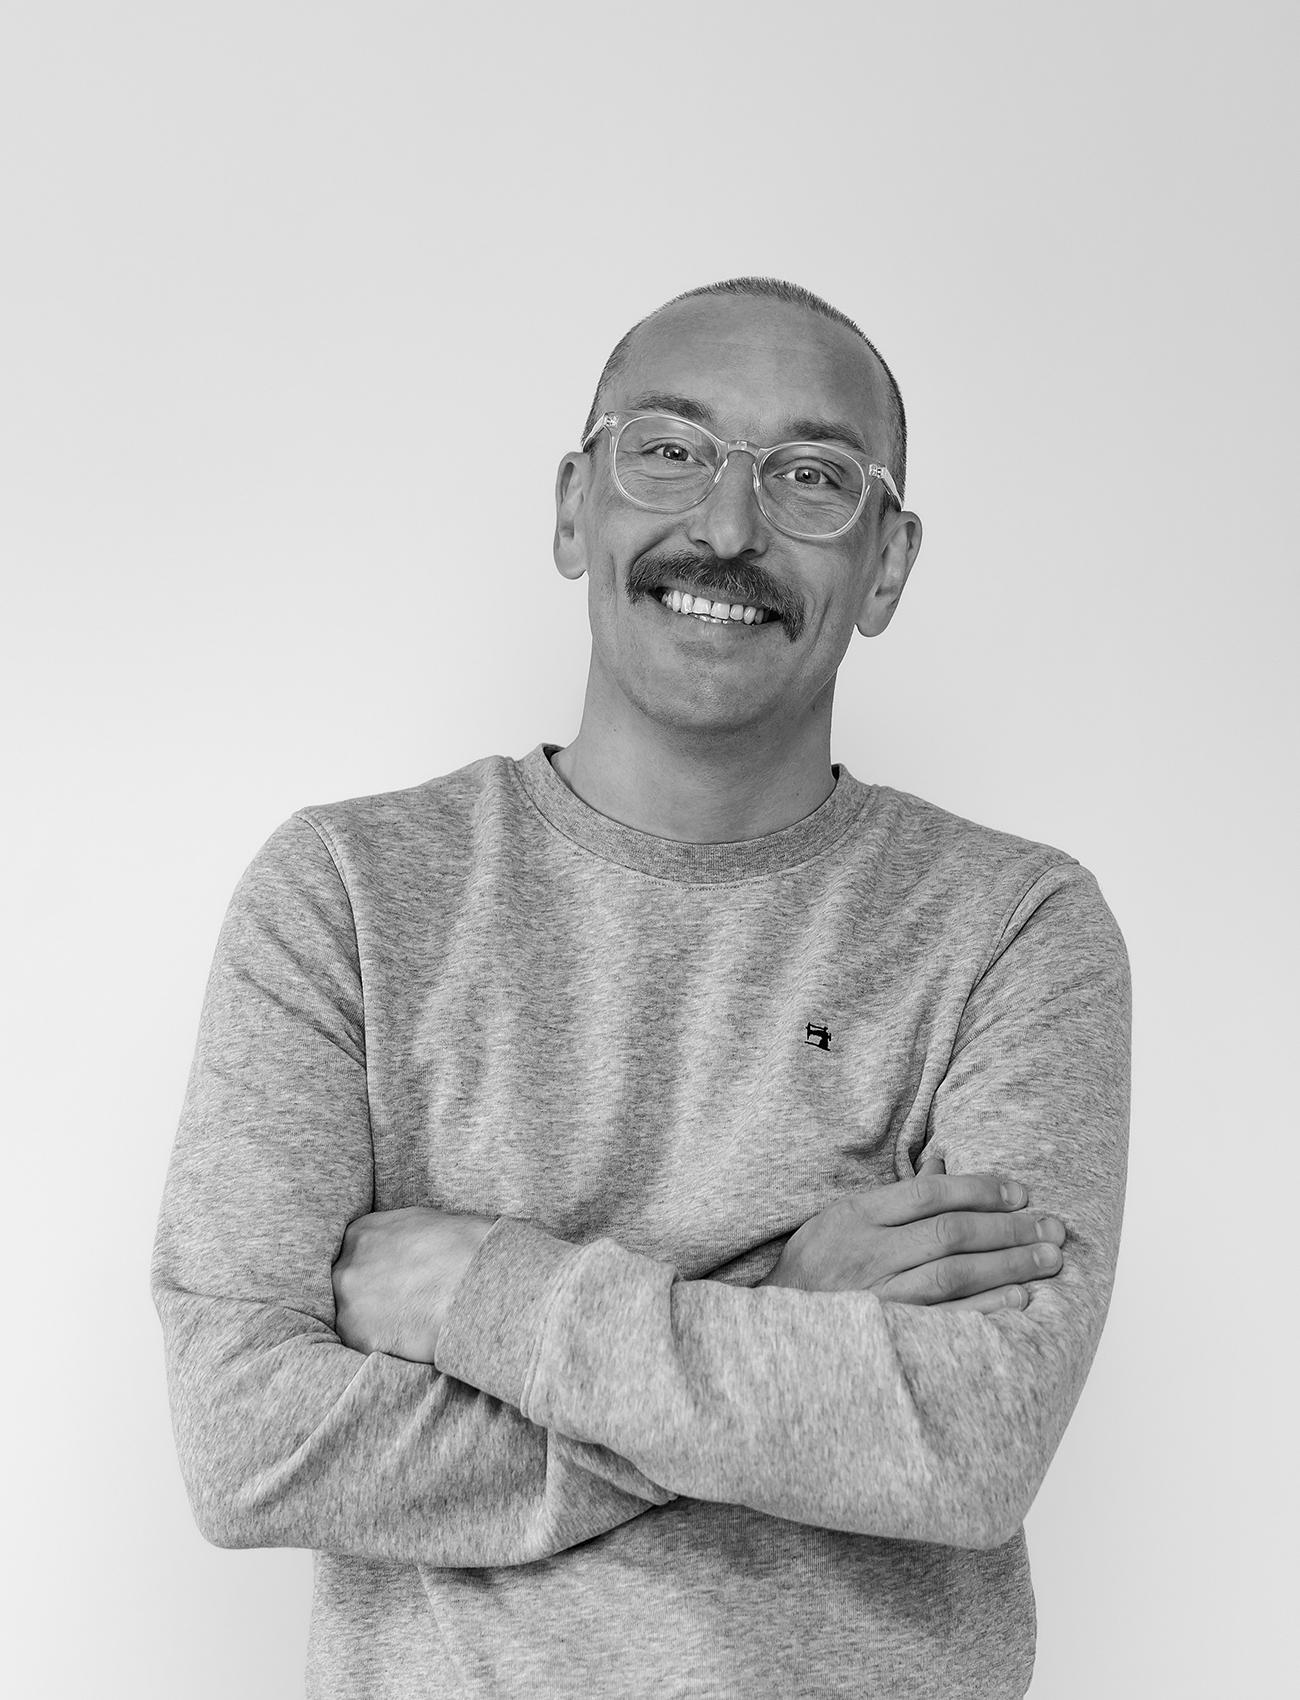 Roger Nellsjö